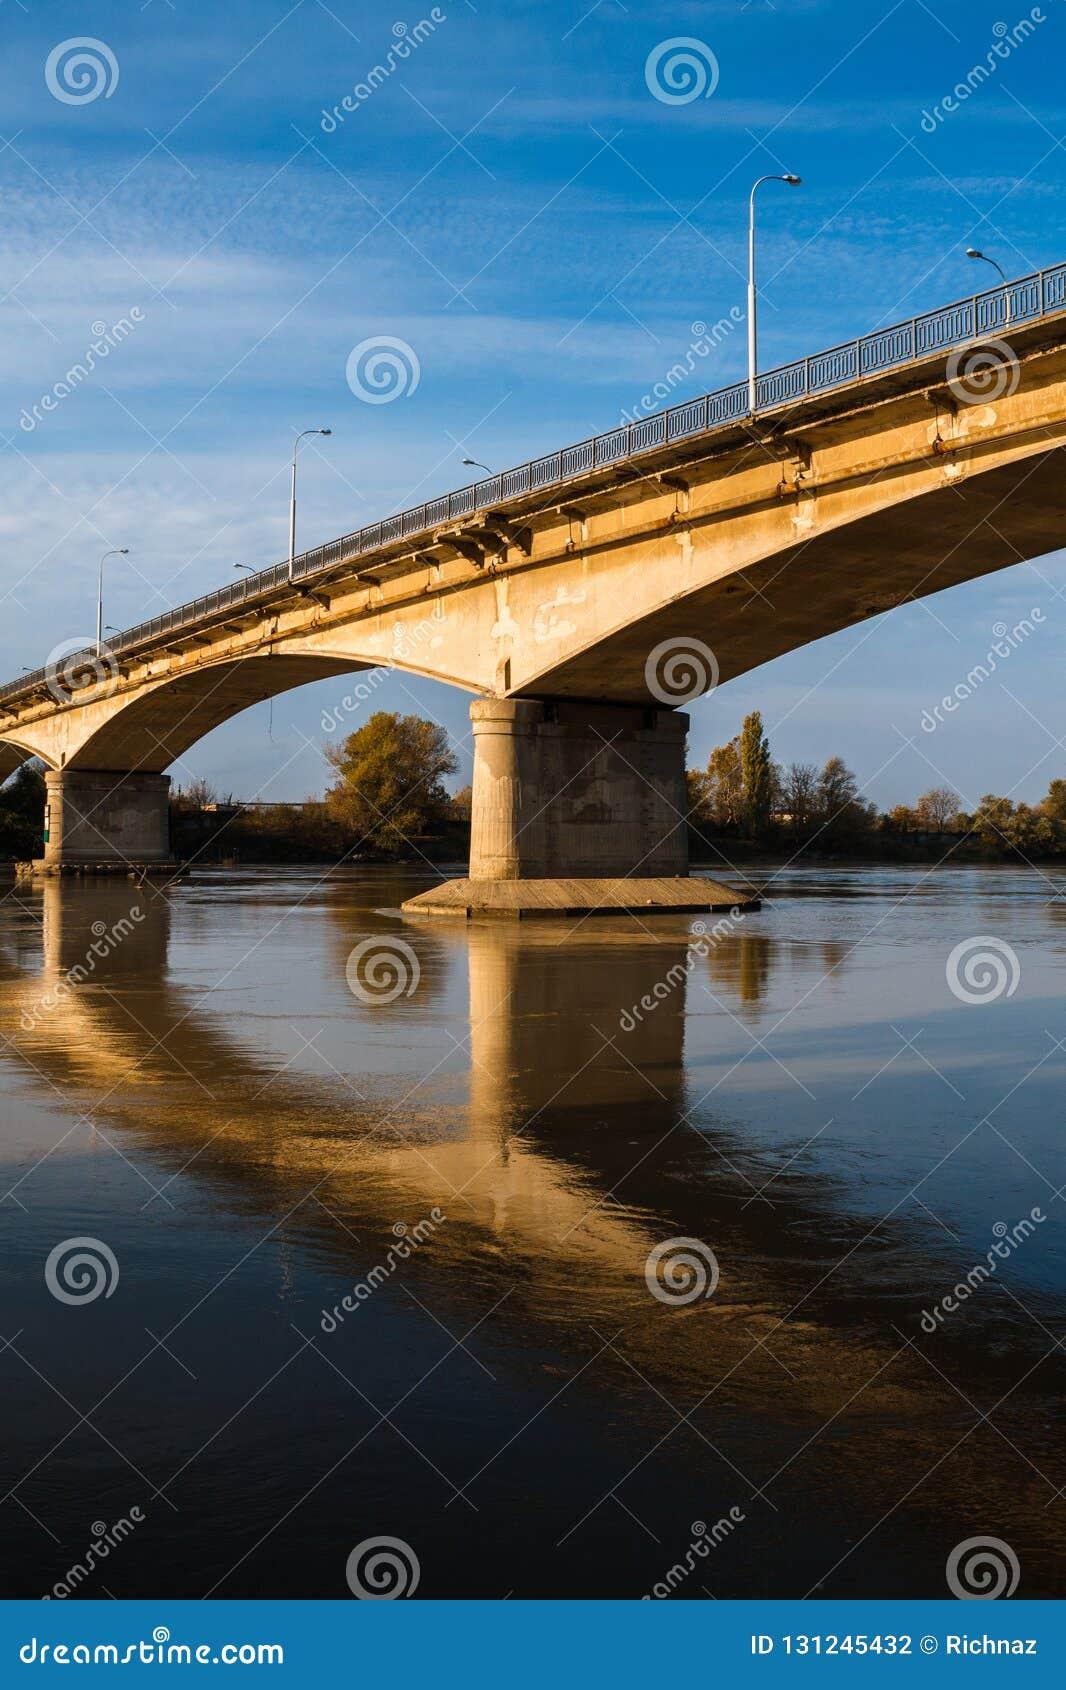 Brücke über Fluss Sonnenlicht und Reflexion im Wasser